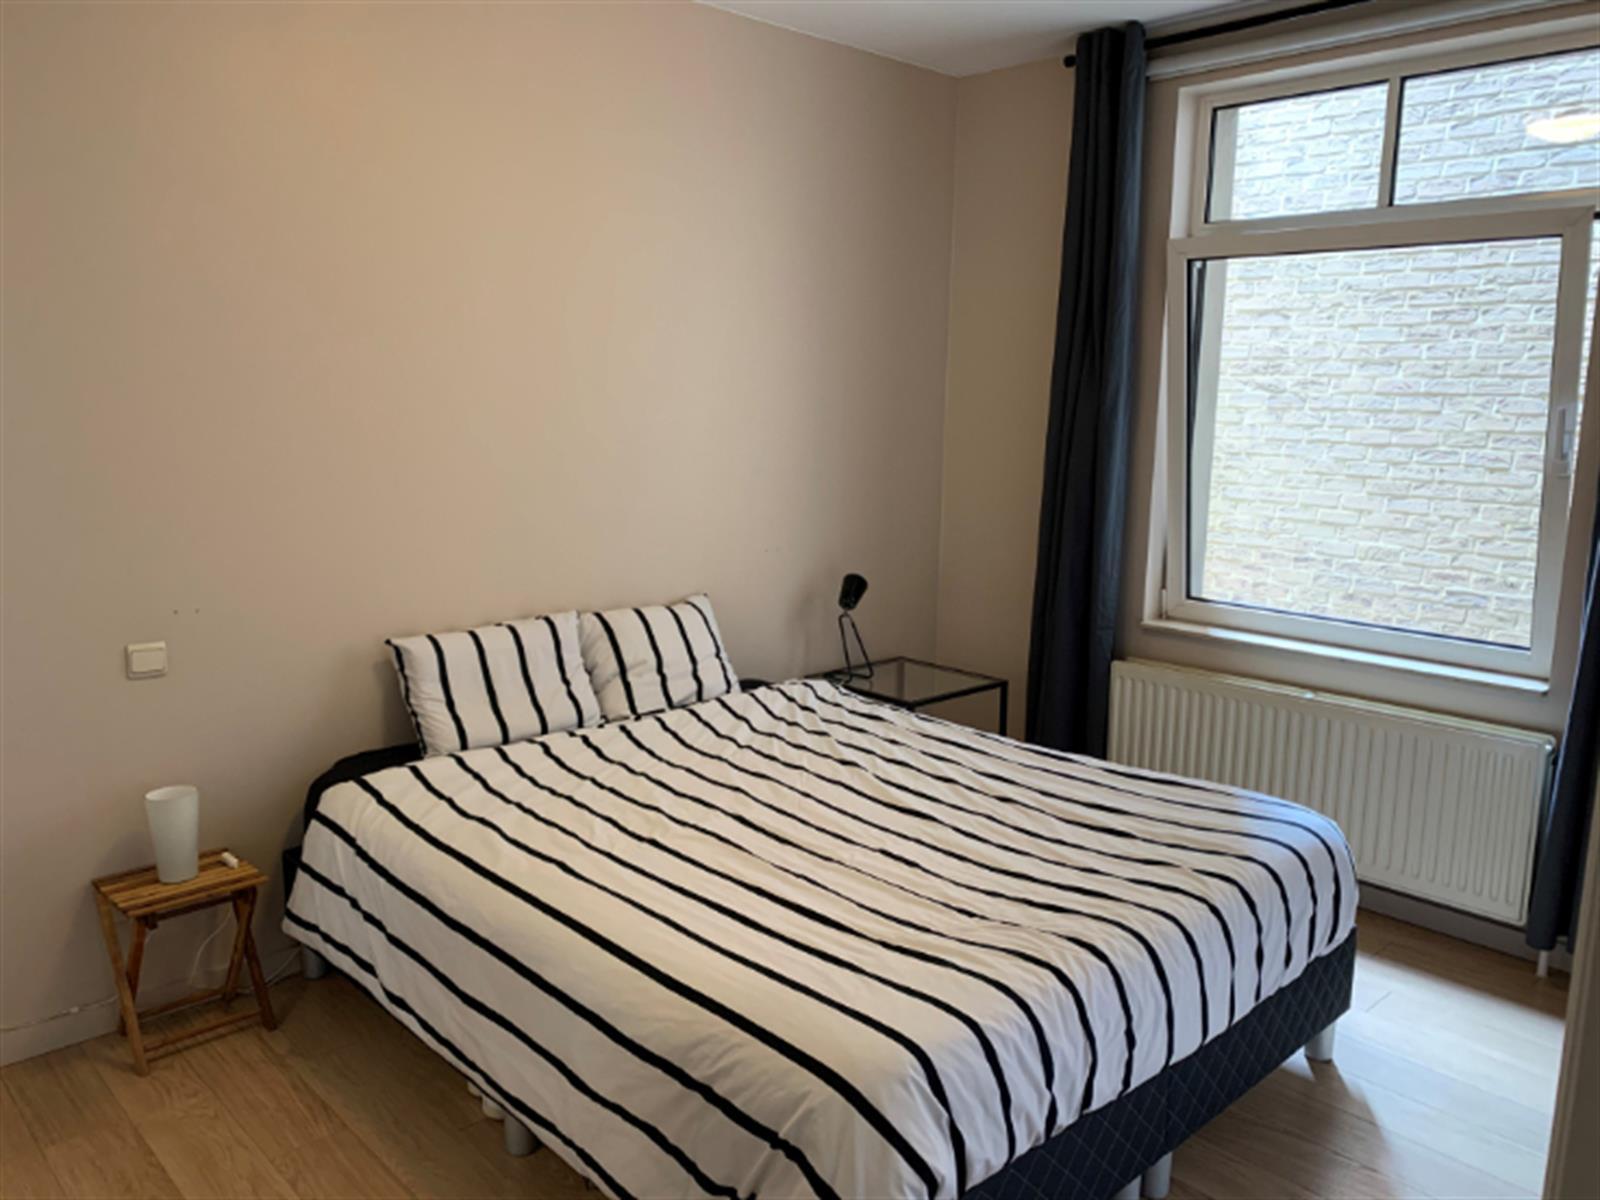 Appartement - Etterbeek - #4430645-7